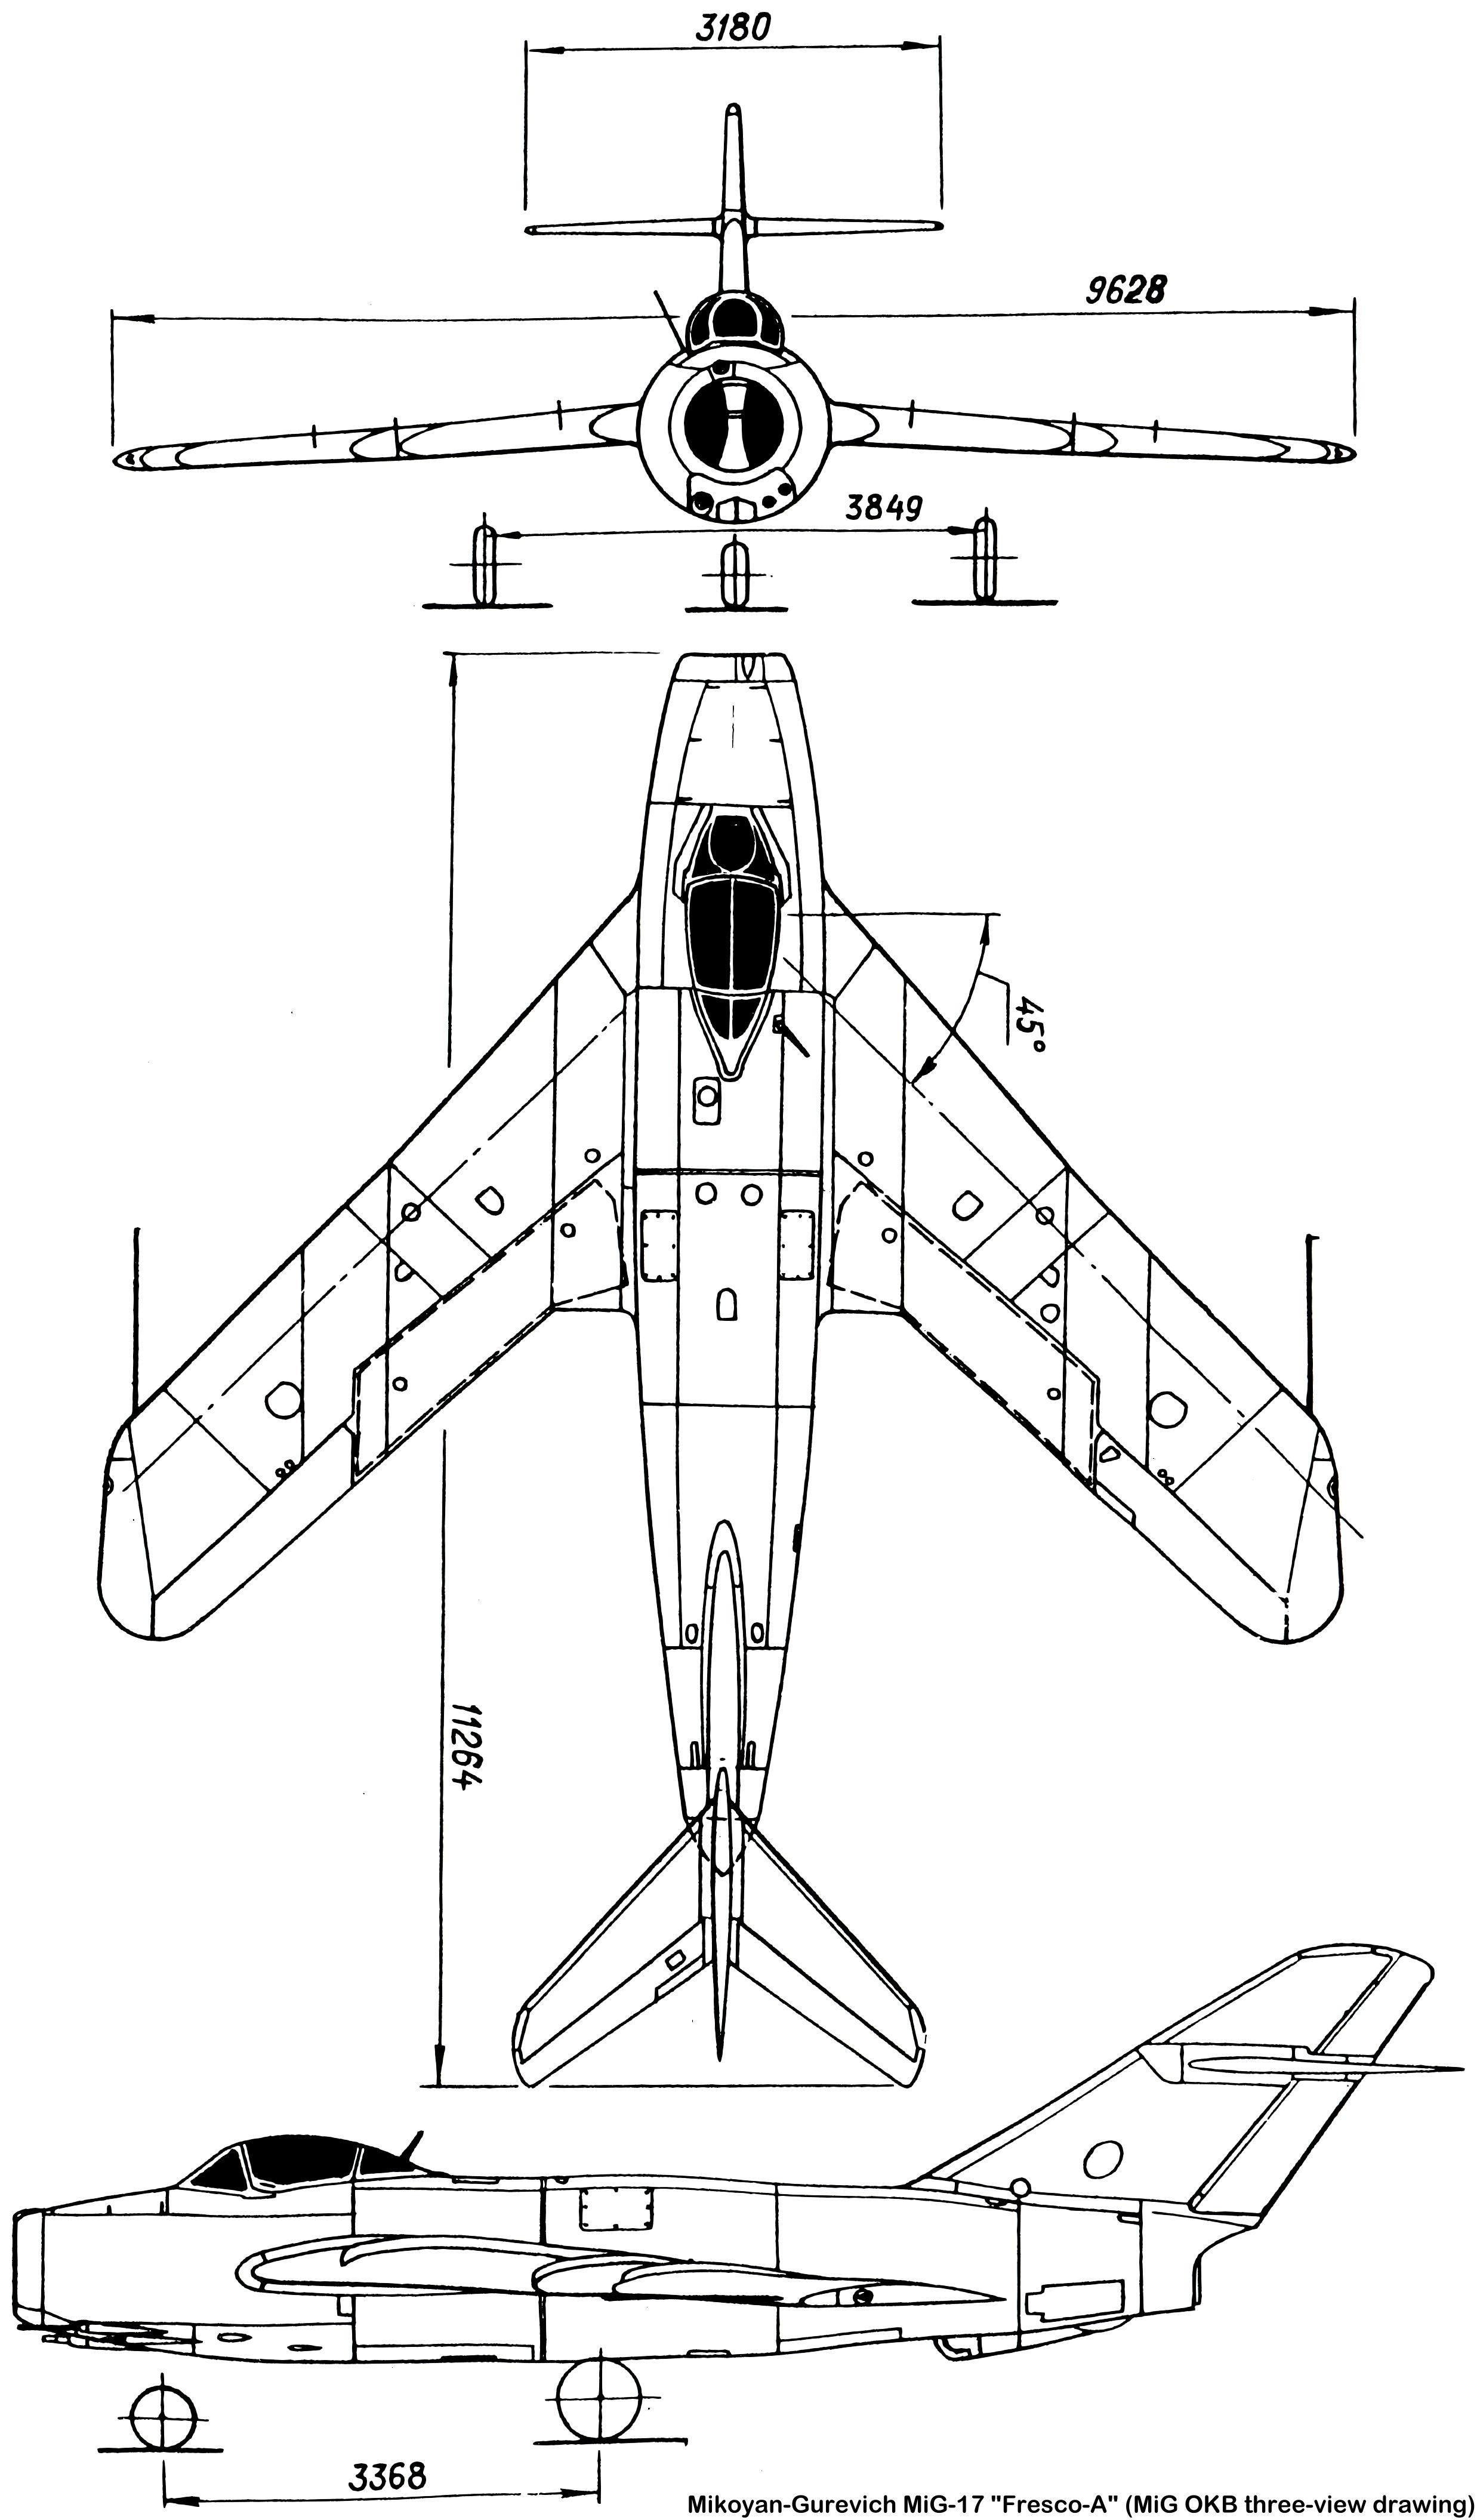 Mig 17 Diagram